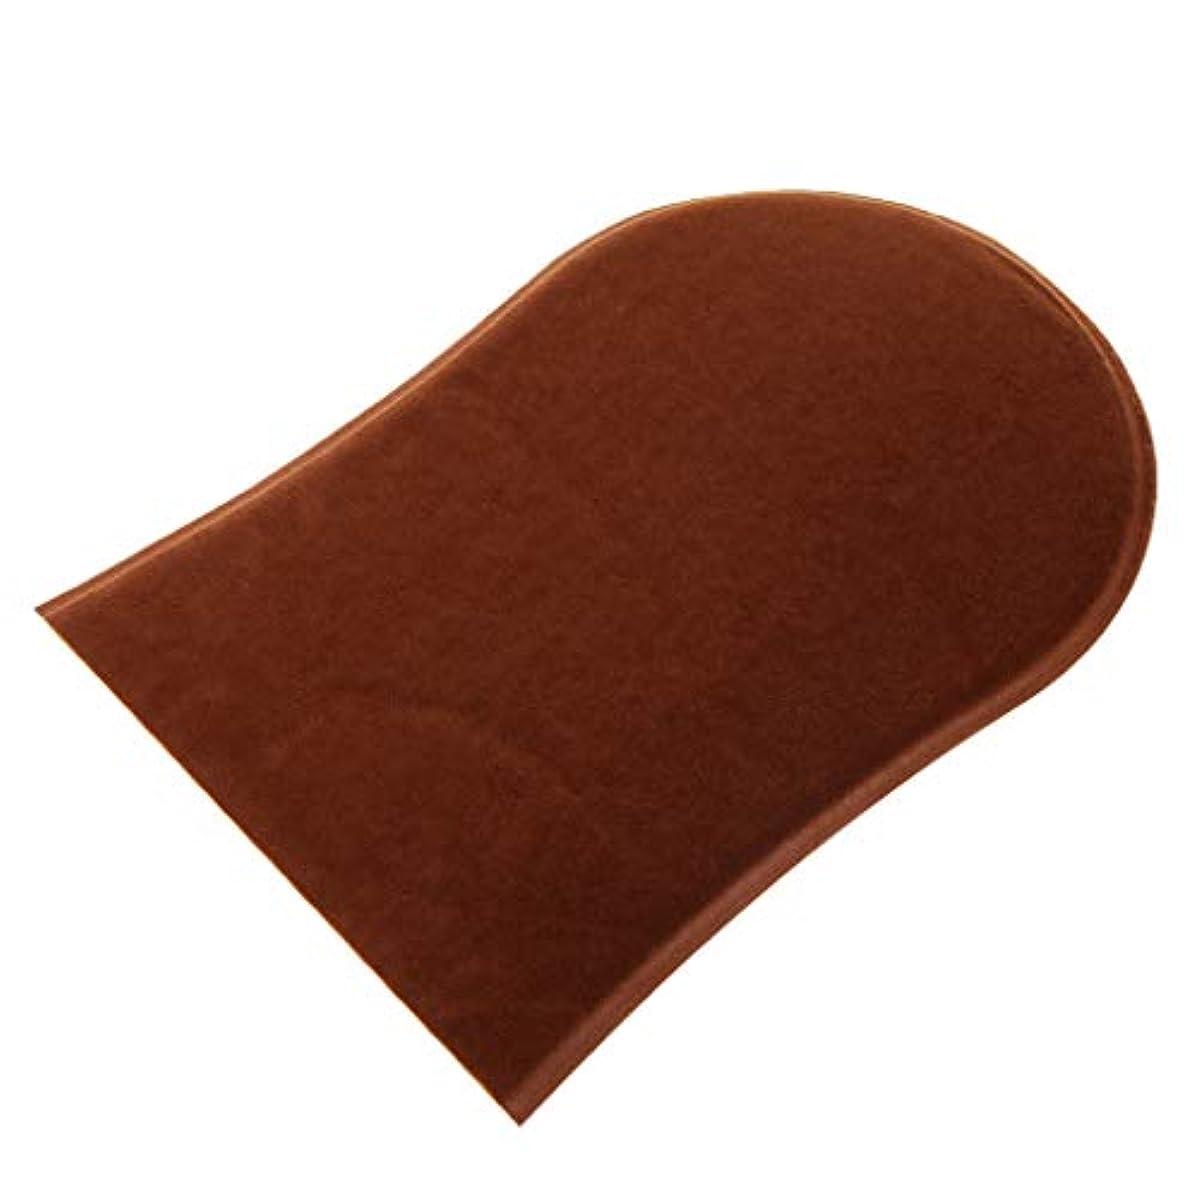 大西洋侵入する十分なSharplace 手袋 グローブ ハンドケア セルフタンニング 防水 再利用可能 両面 約19*12cm